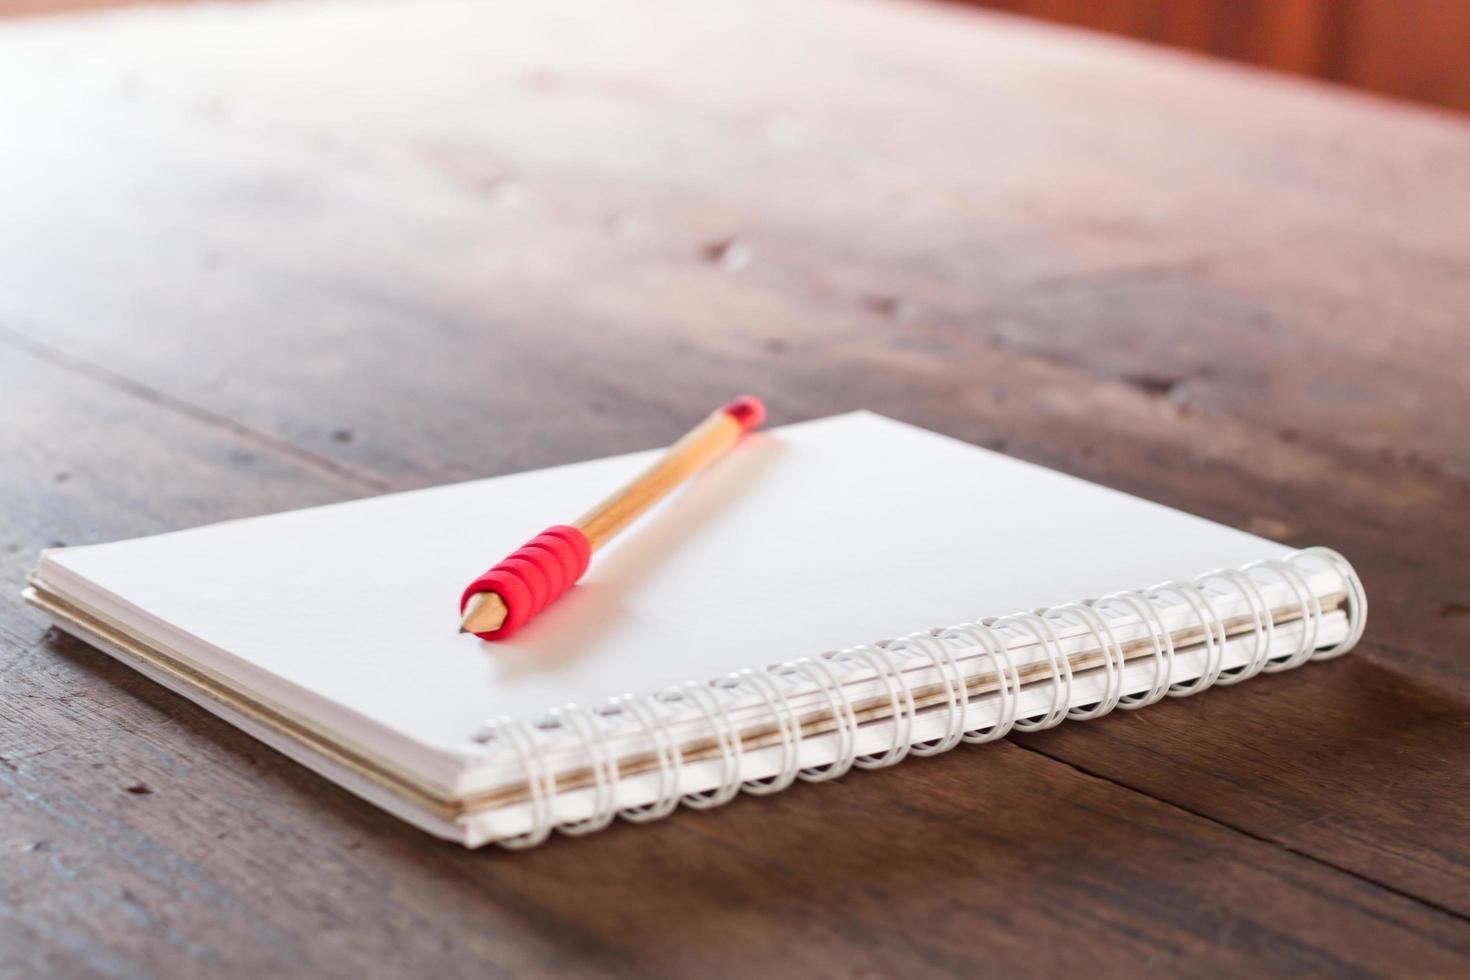 röd penna på en anteckningsbok på ett bord foto